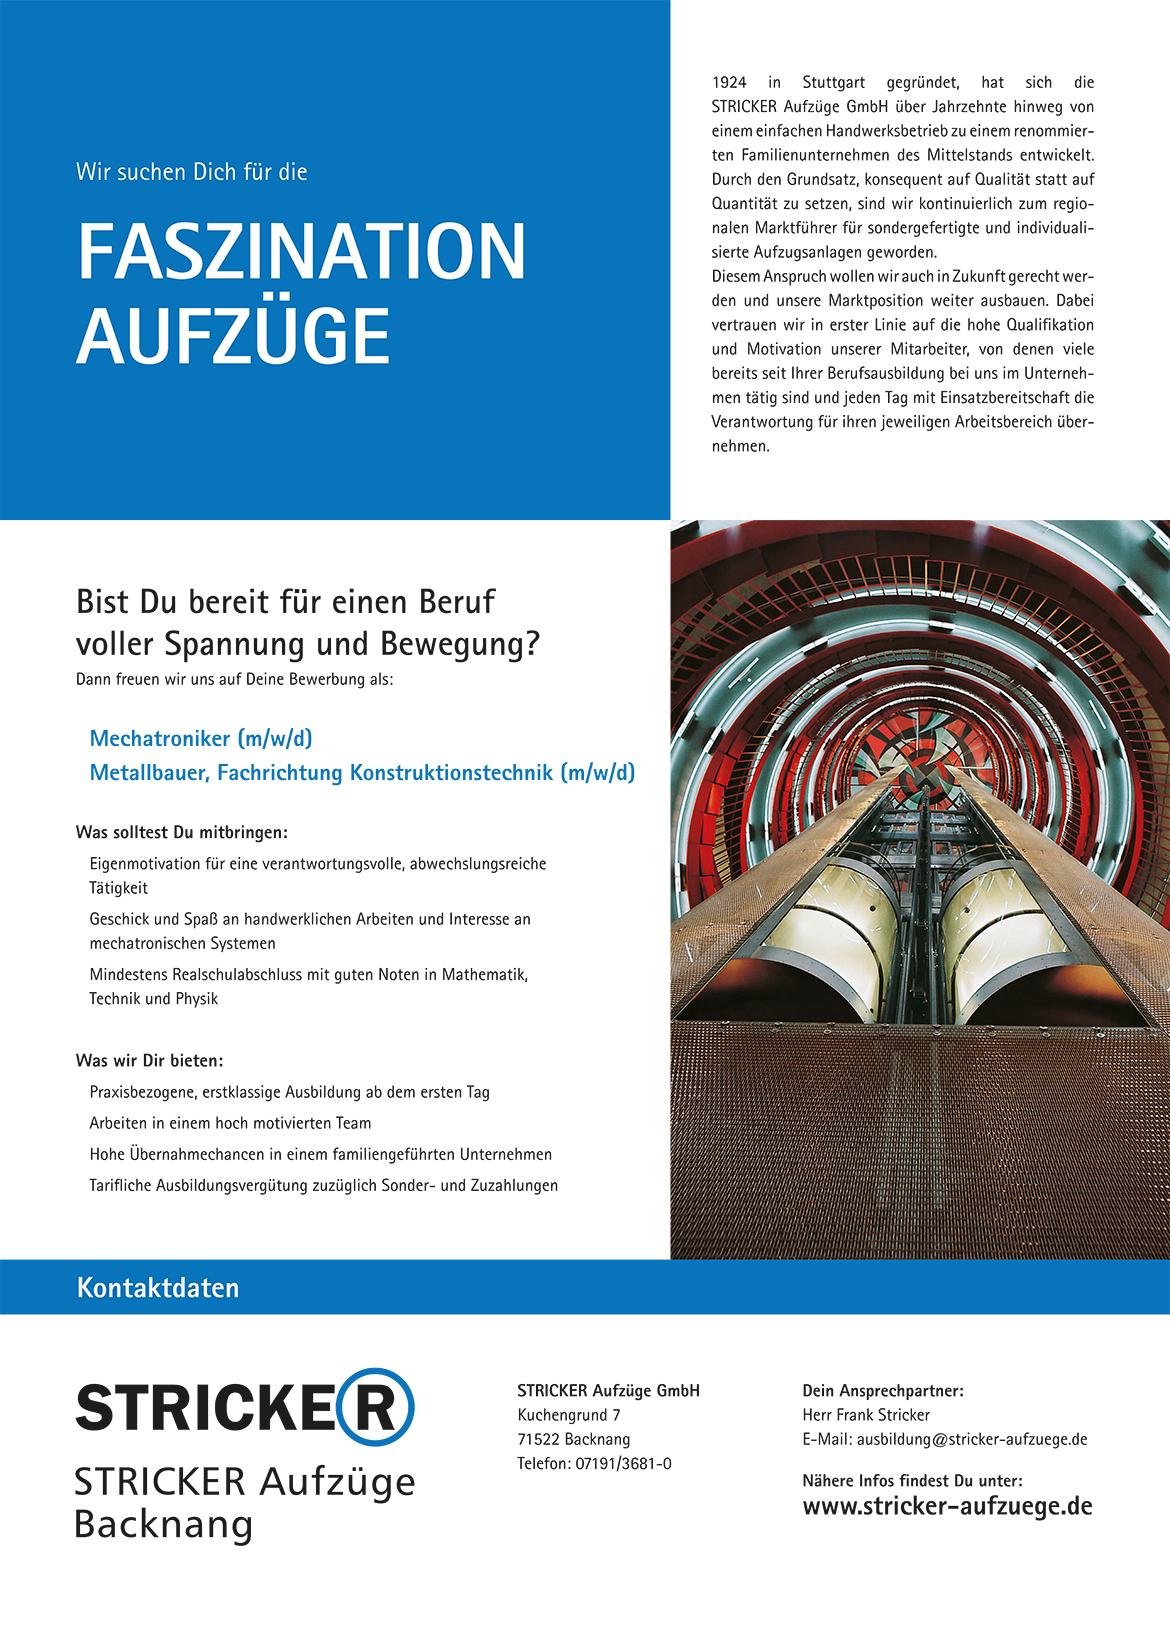 Ausbildungsplakat: STRICKER Aufzüge GmbH